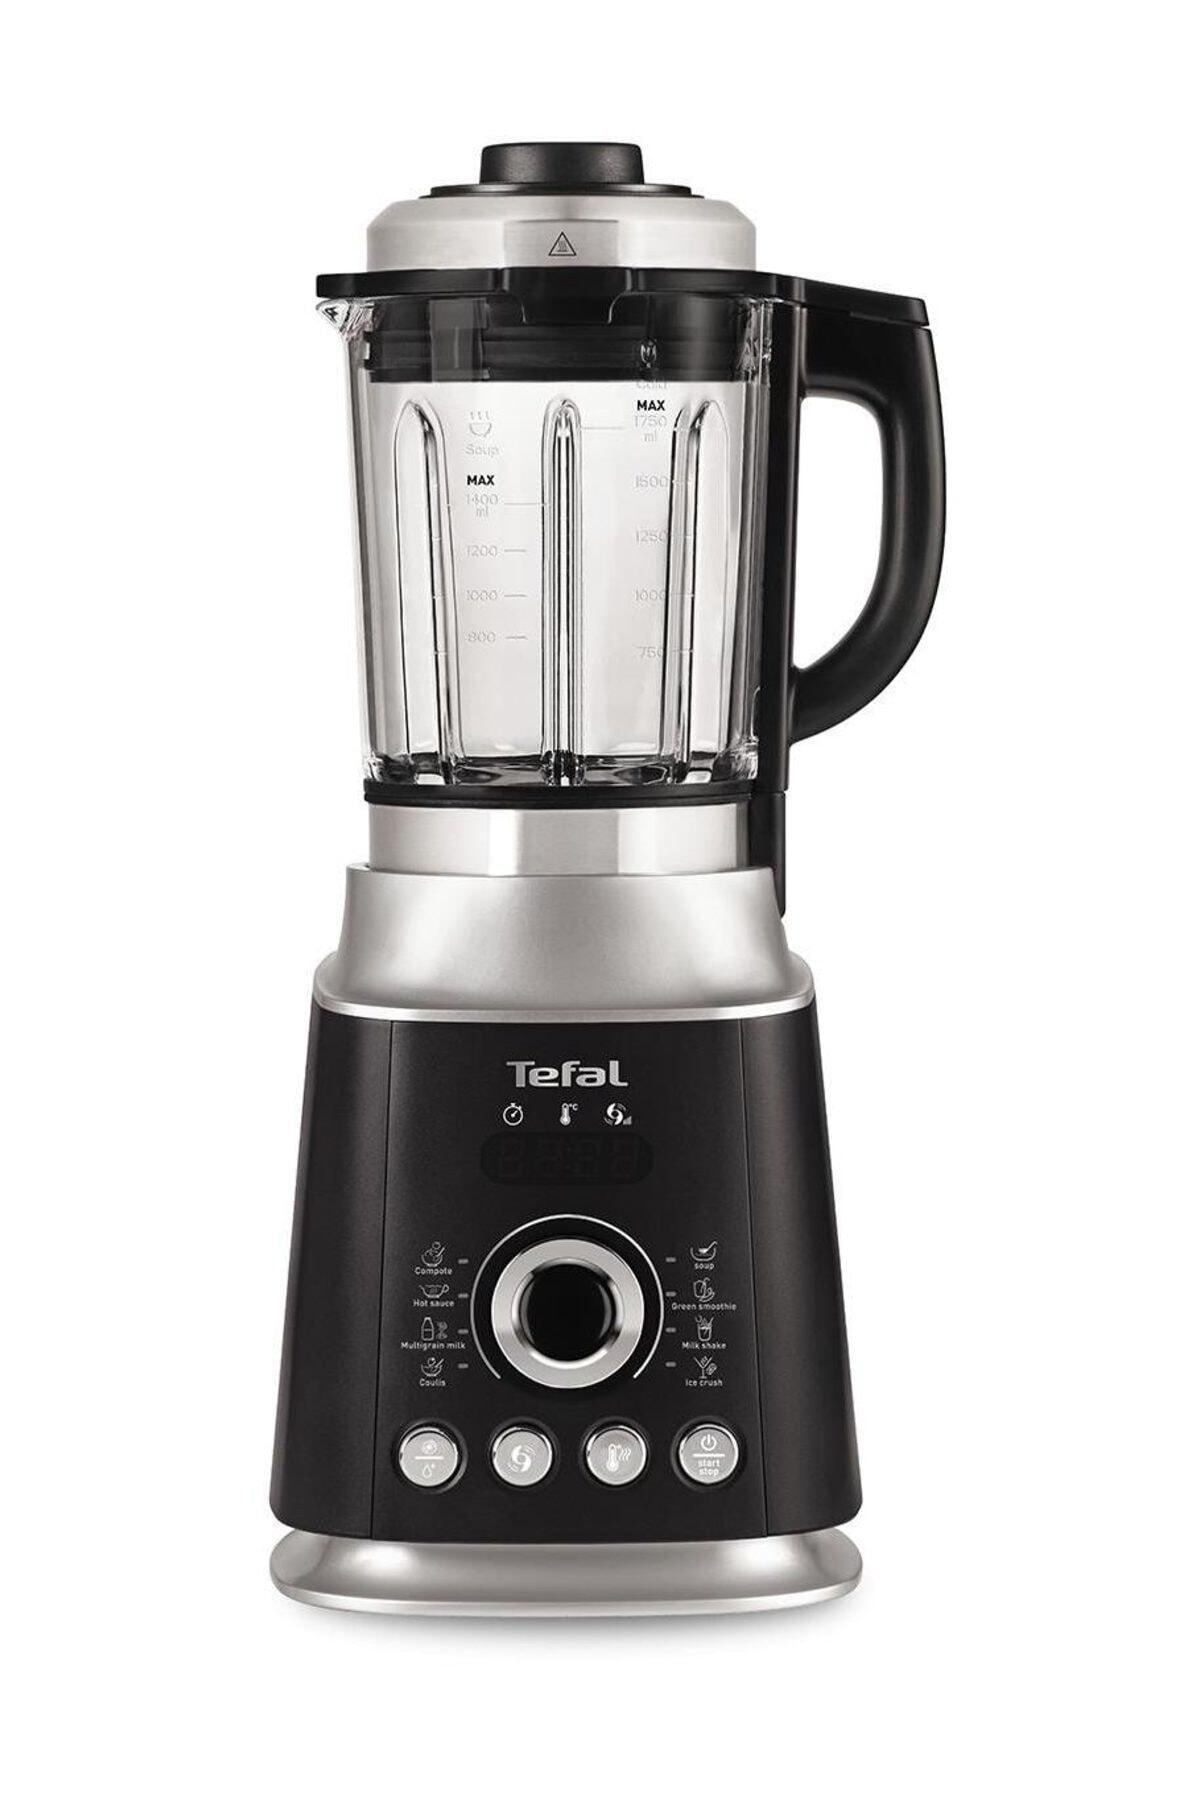 TEFAL Ultrablend Cook 1300 W Blender 1